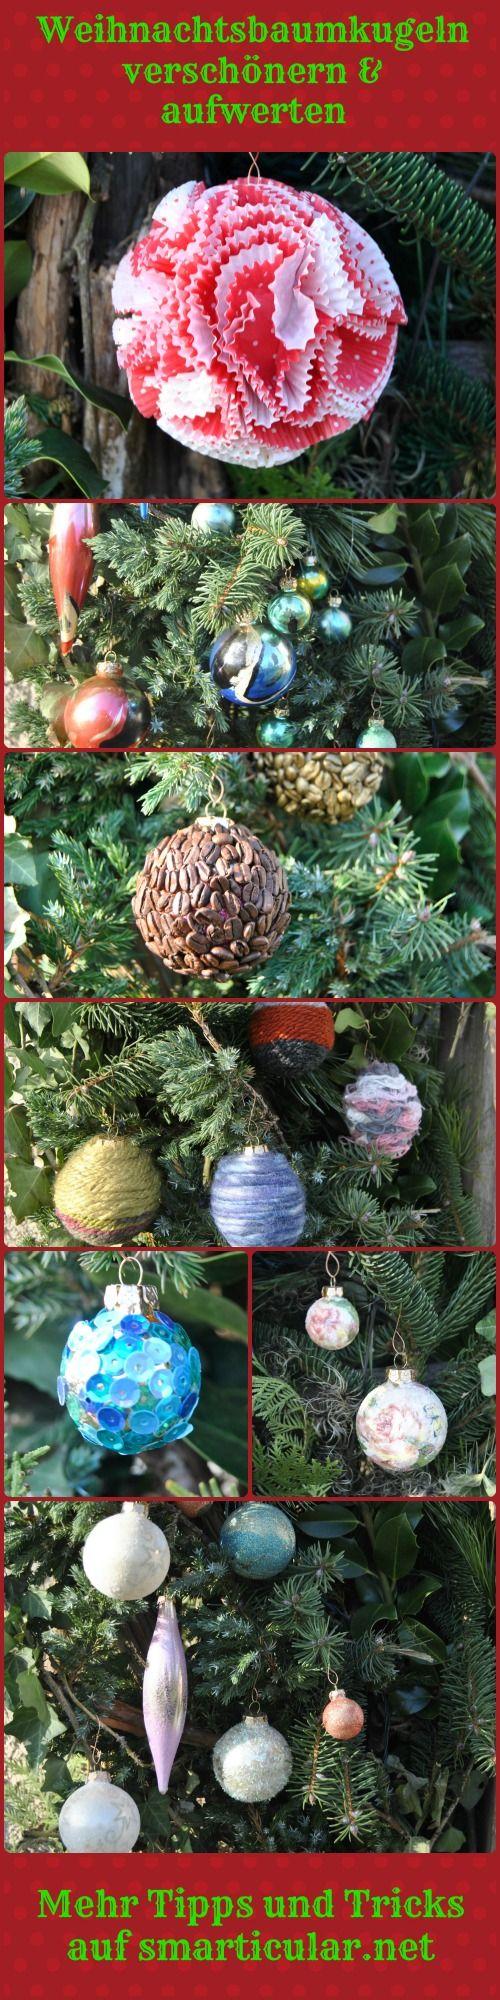 weihnachtsbaumkugeln aufwerten statt wegwerfen 7 ideen re und upcycling pinterest. Black Bedroom Furniture Sets. Home Design Ideas